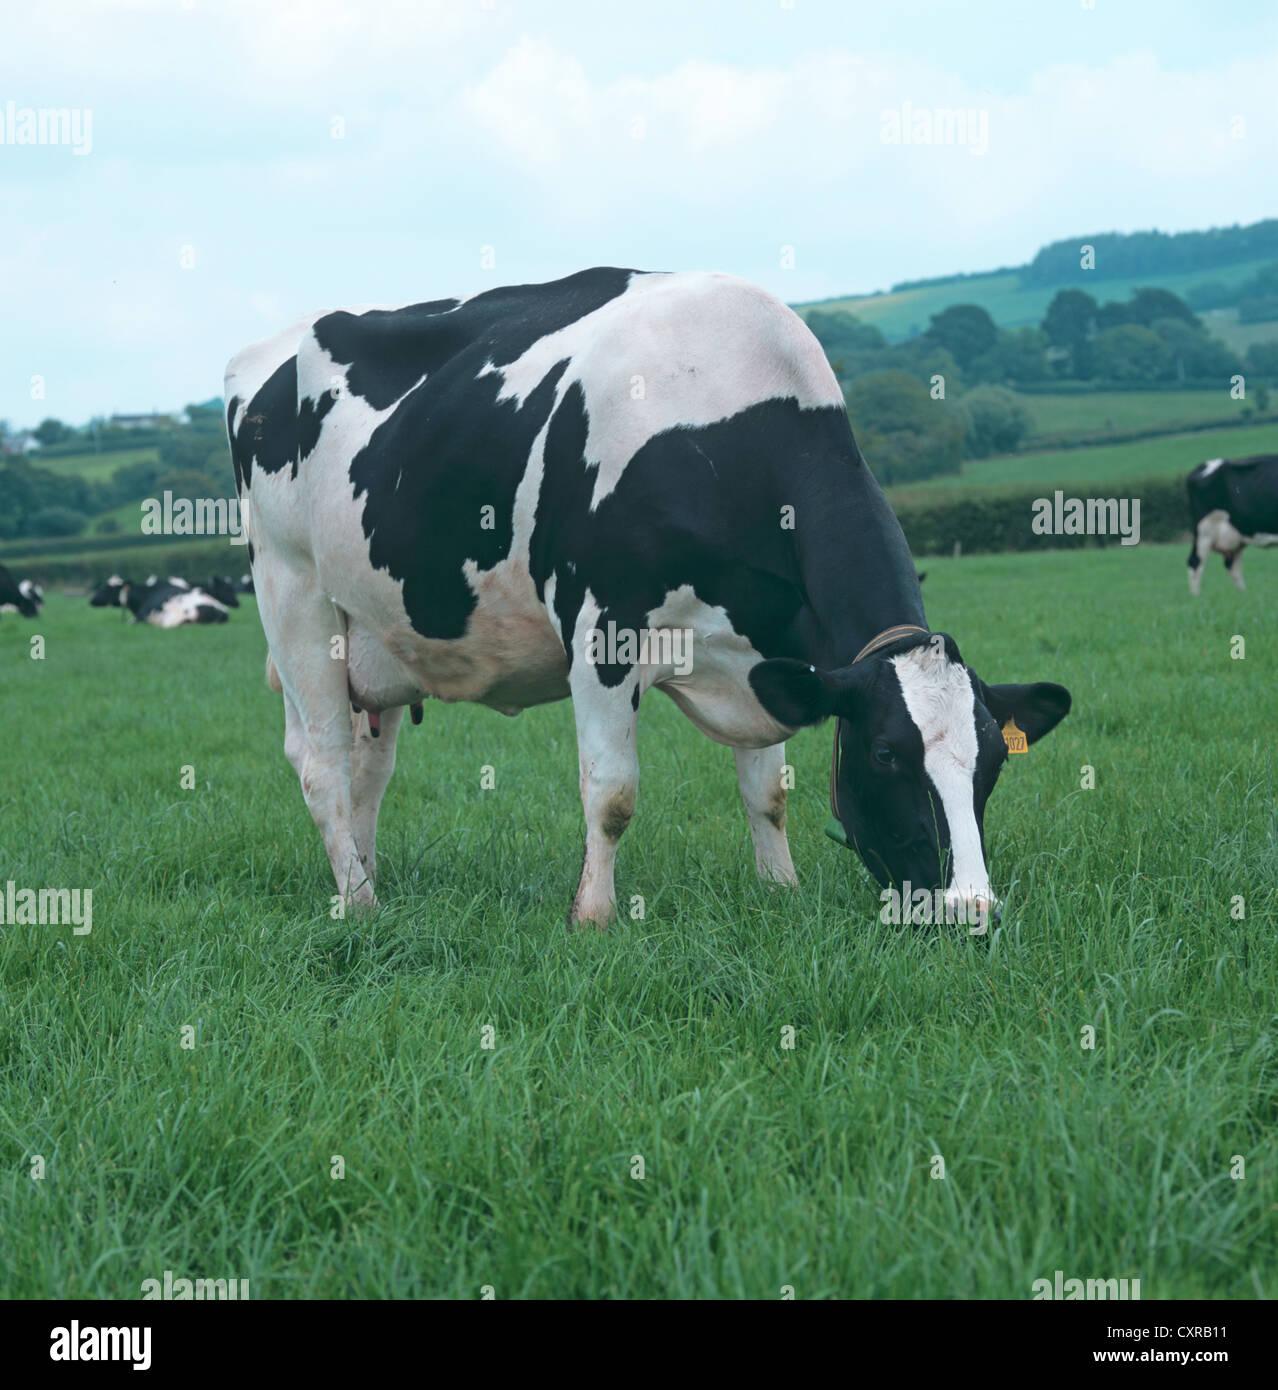 Holstein Friesian dairy cow in milk on grass pasture, Devon - Stock Image